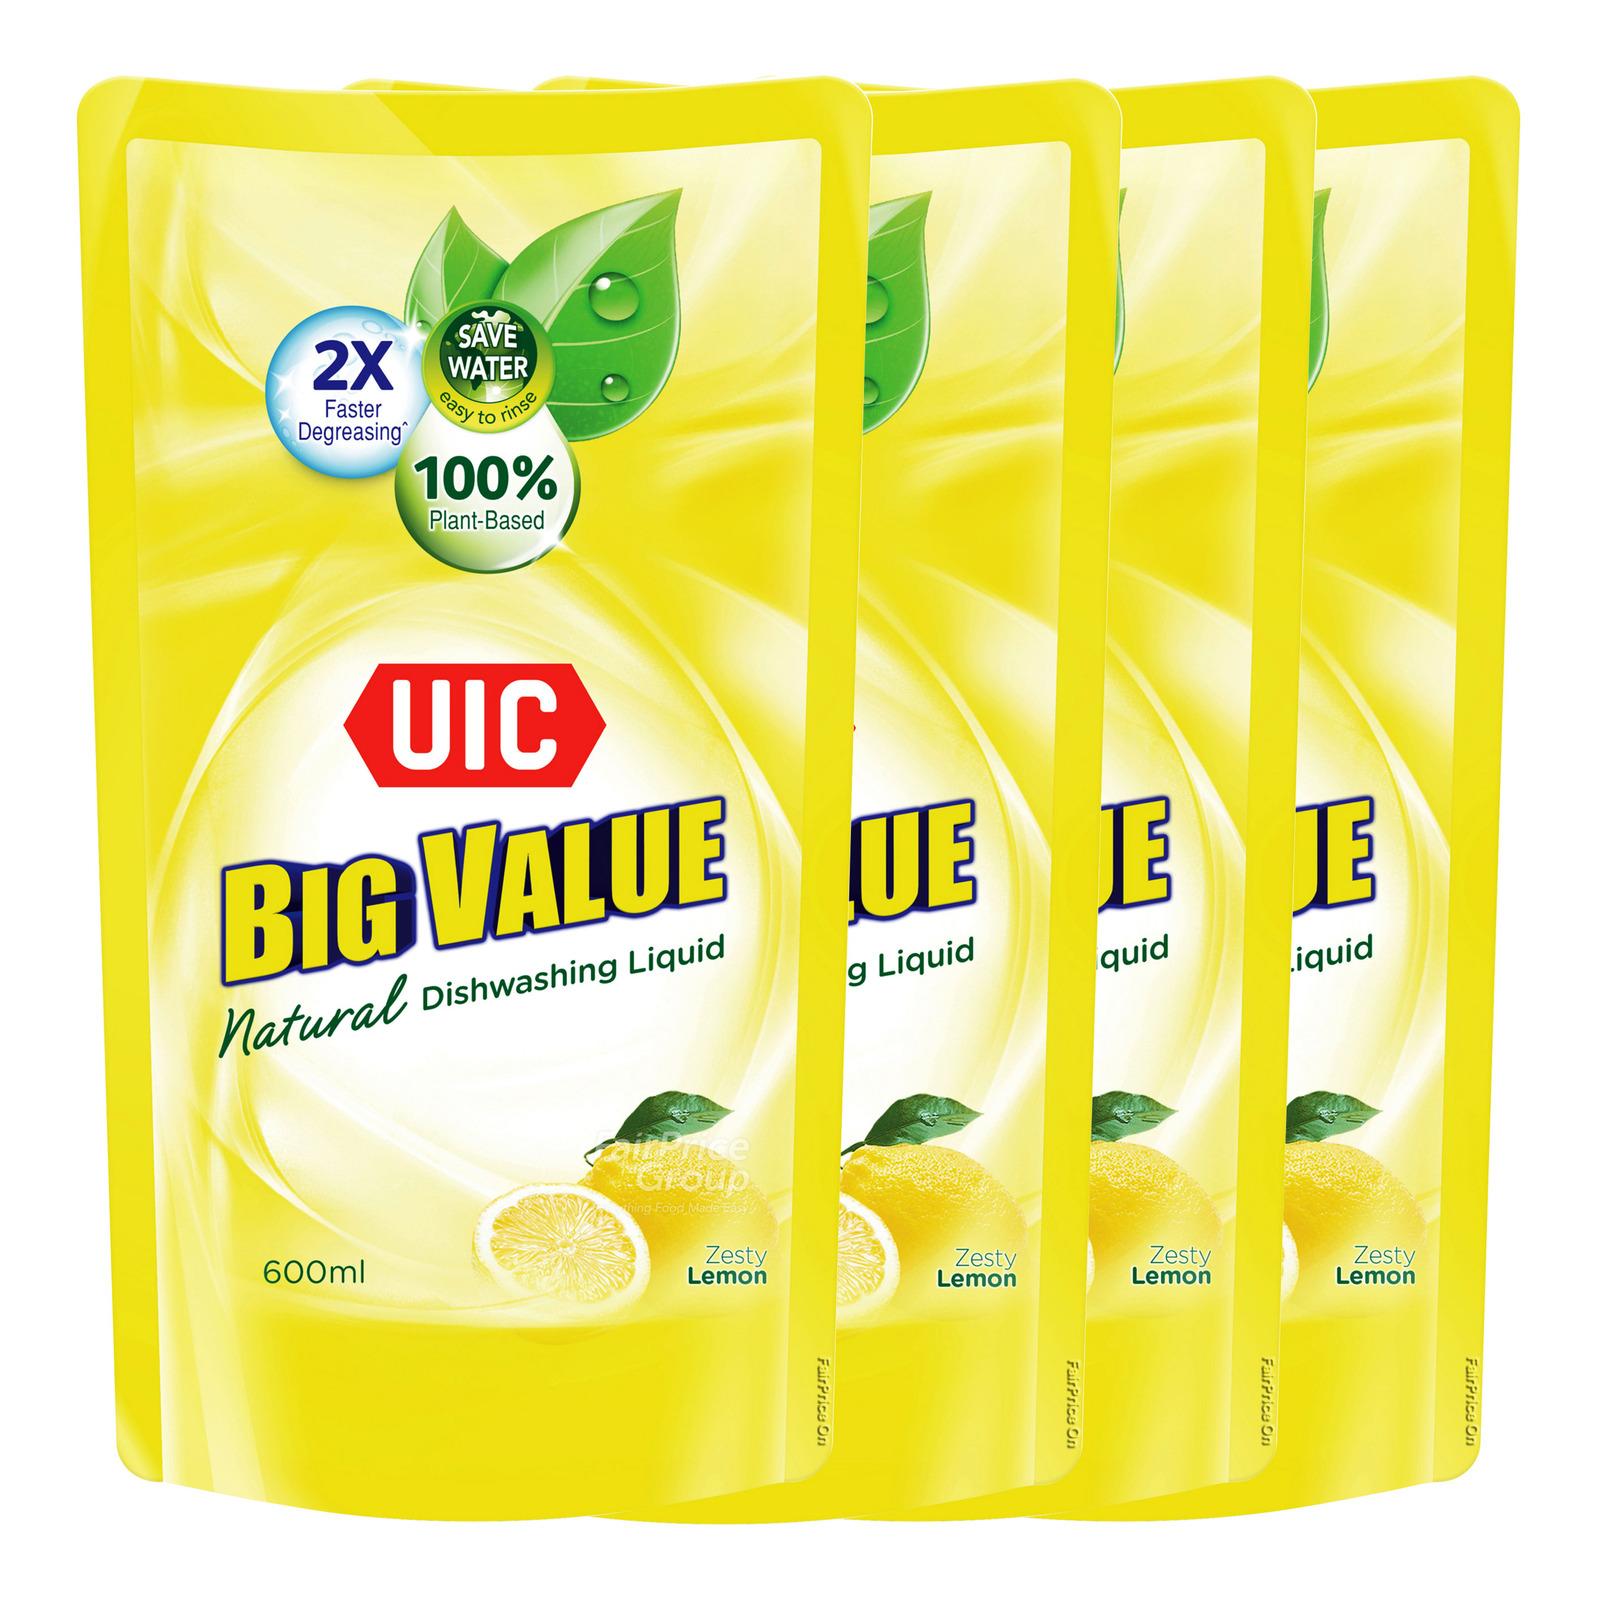 #UIC Big Value Dishwashing Liquid Refill - Lemon